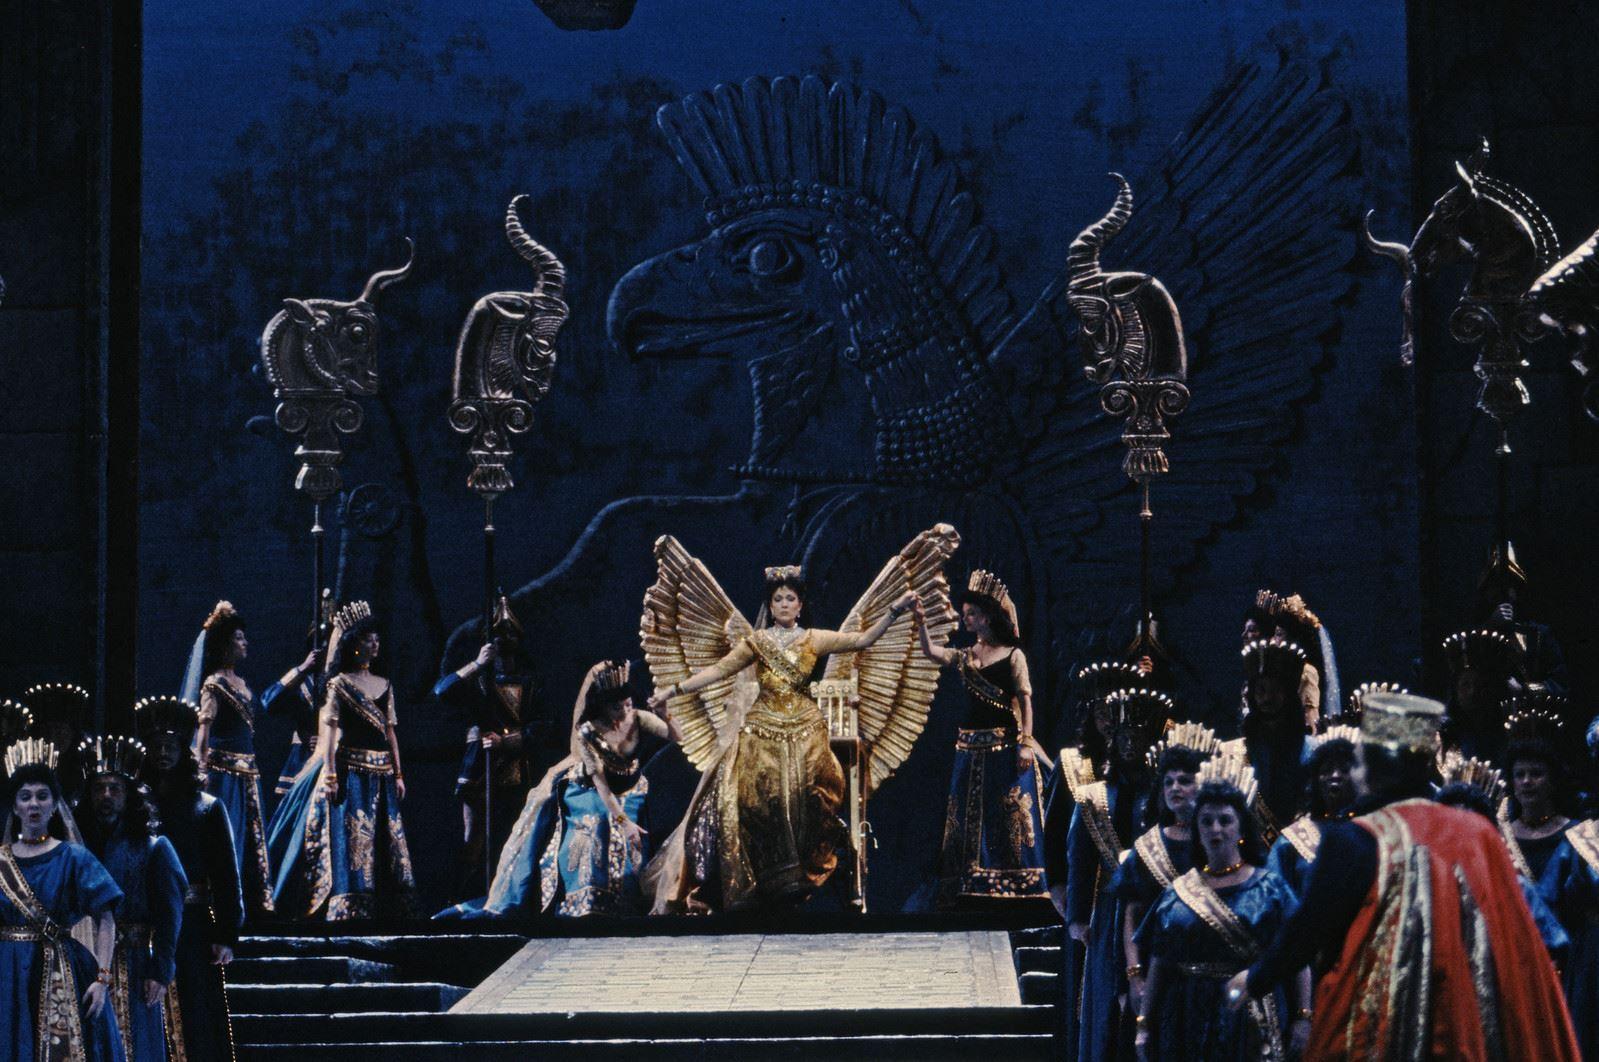 Opera: Semiramis